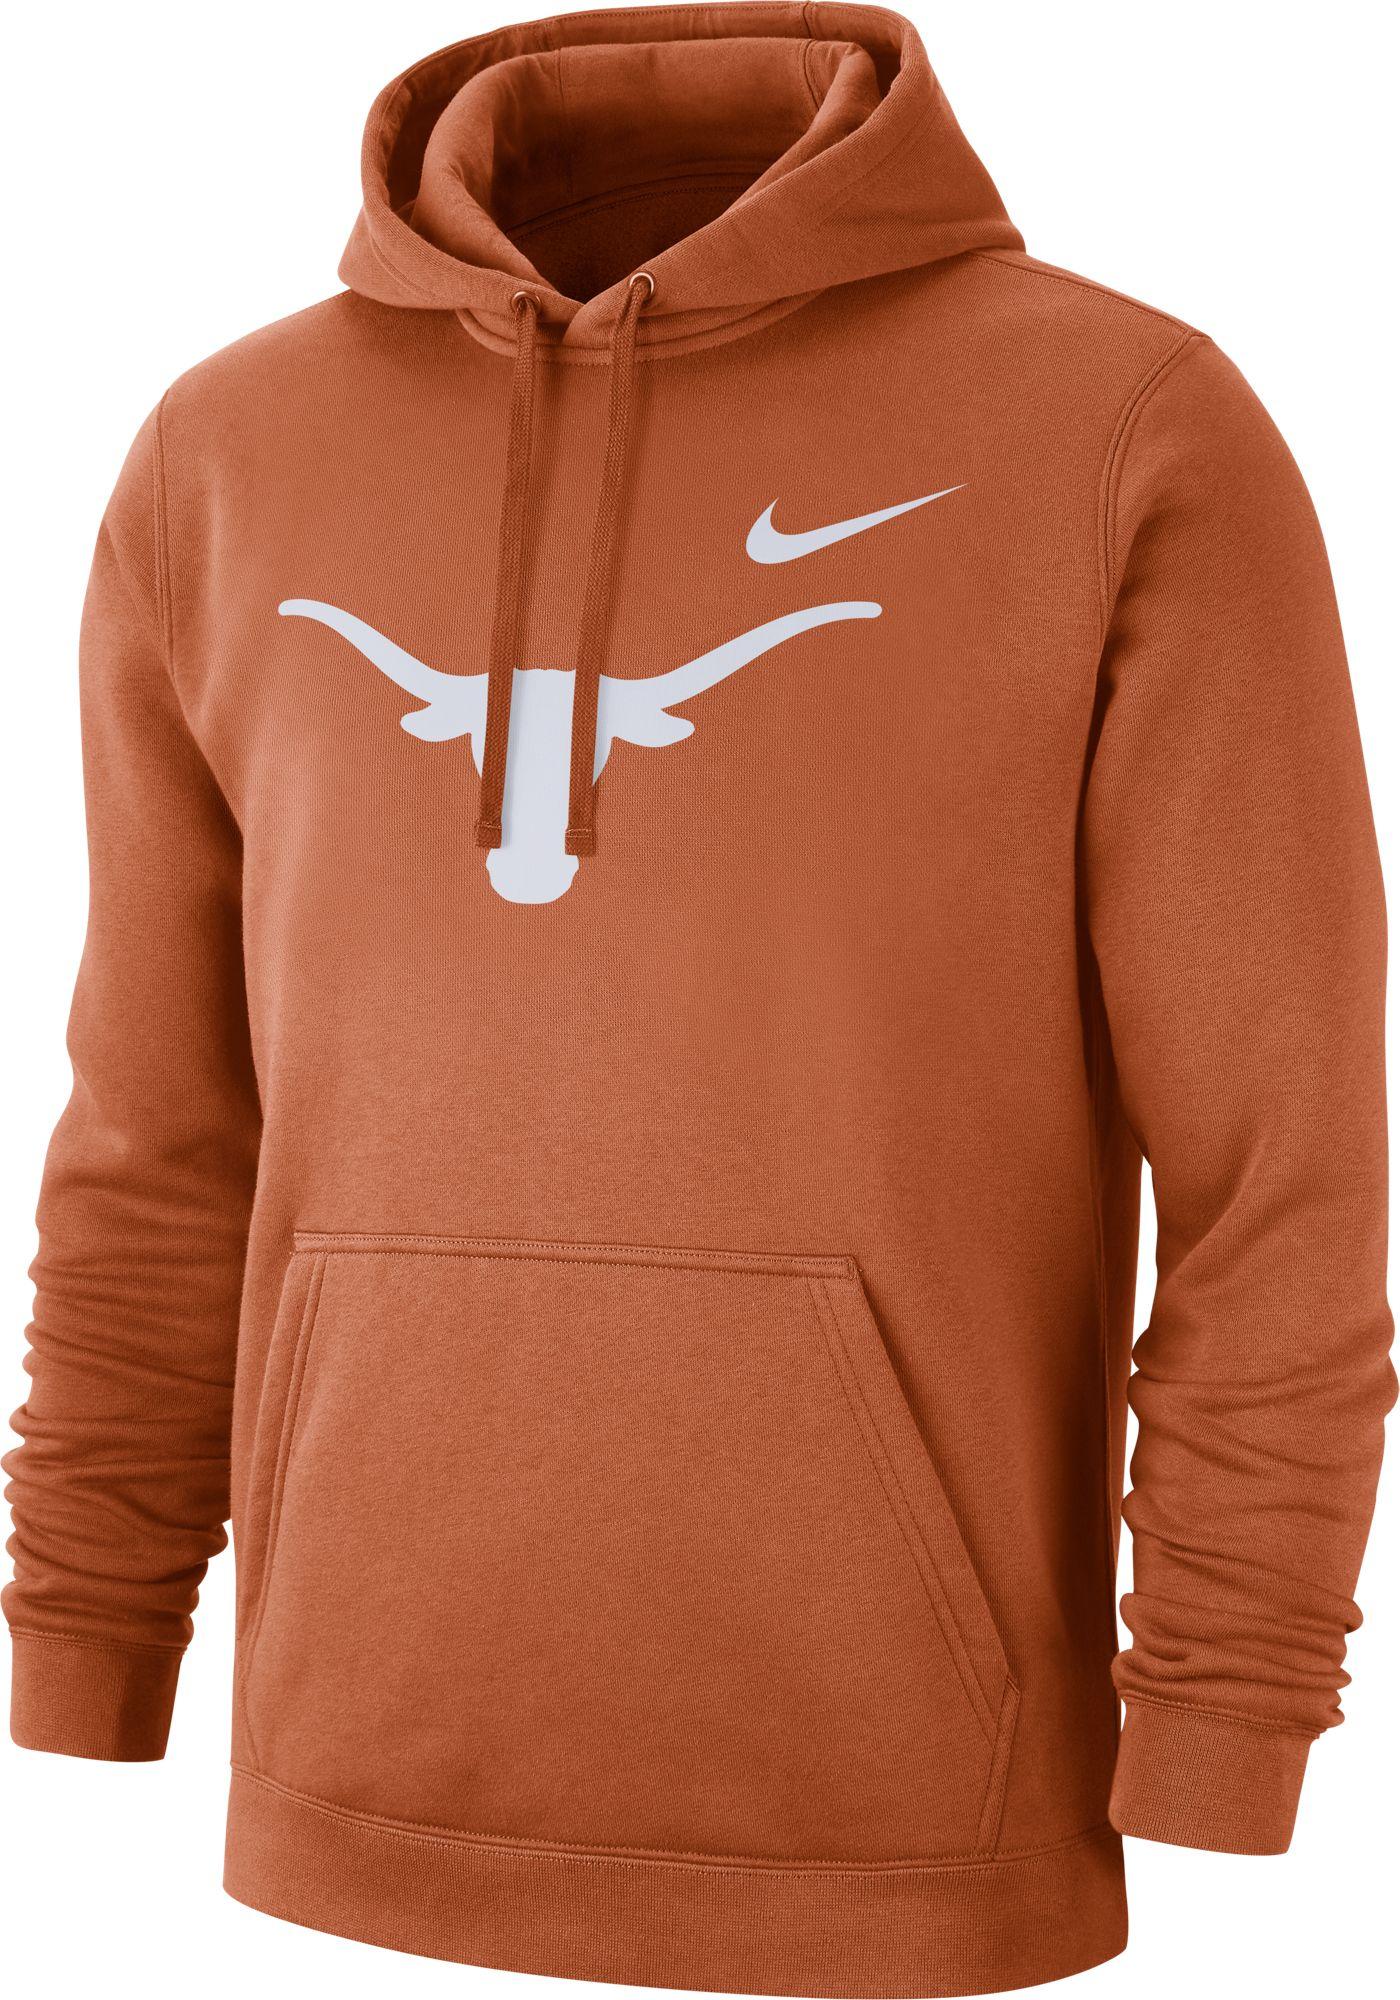 Nike Men's Texas Longhorns Burnt Orange Club Fleece Pullover Hoodie